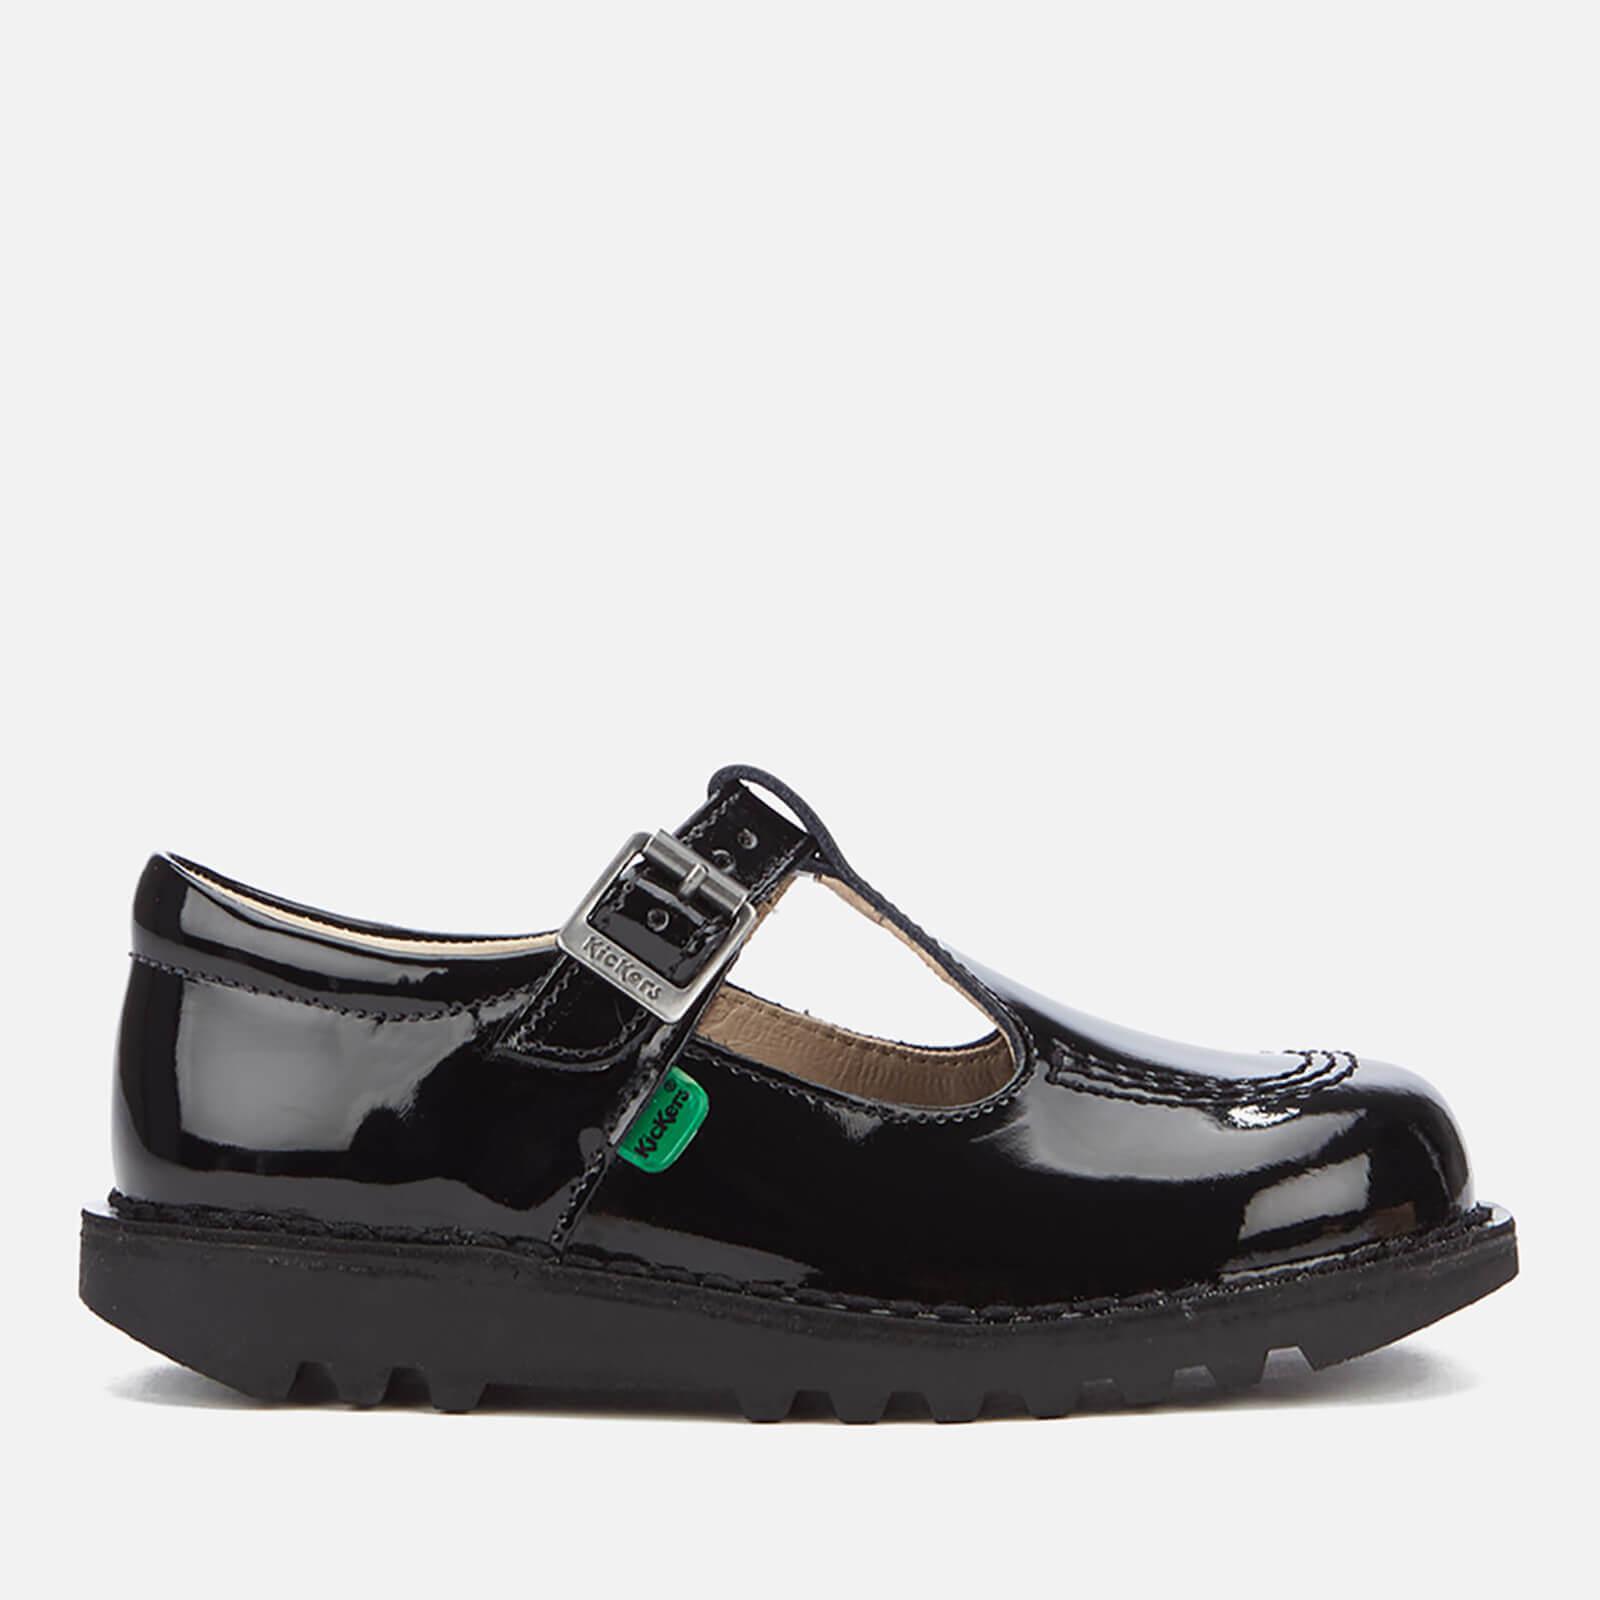 Kickers Kids  Kick T Patent Flat Shoes - Black Junior Clothing  1e3bb118758